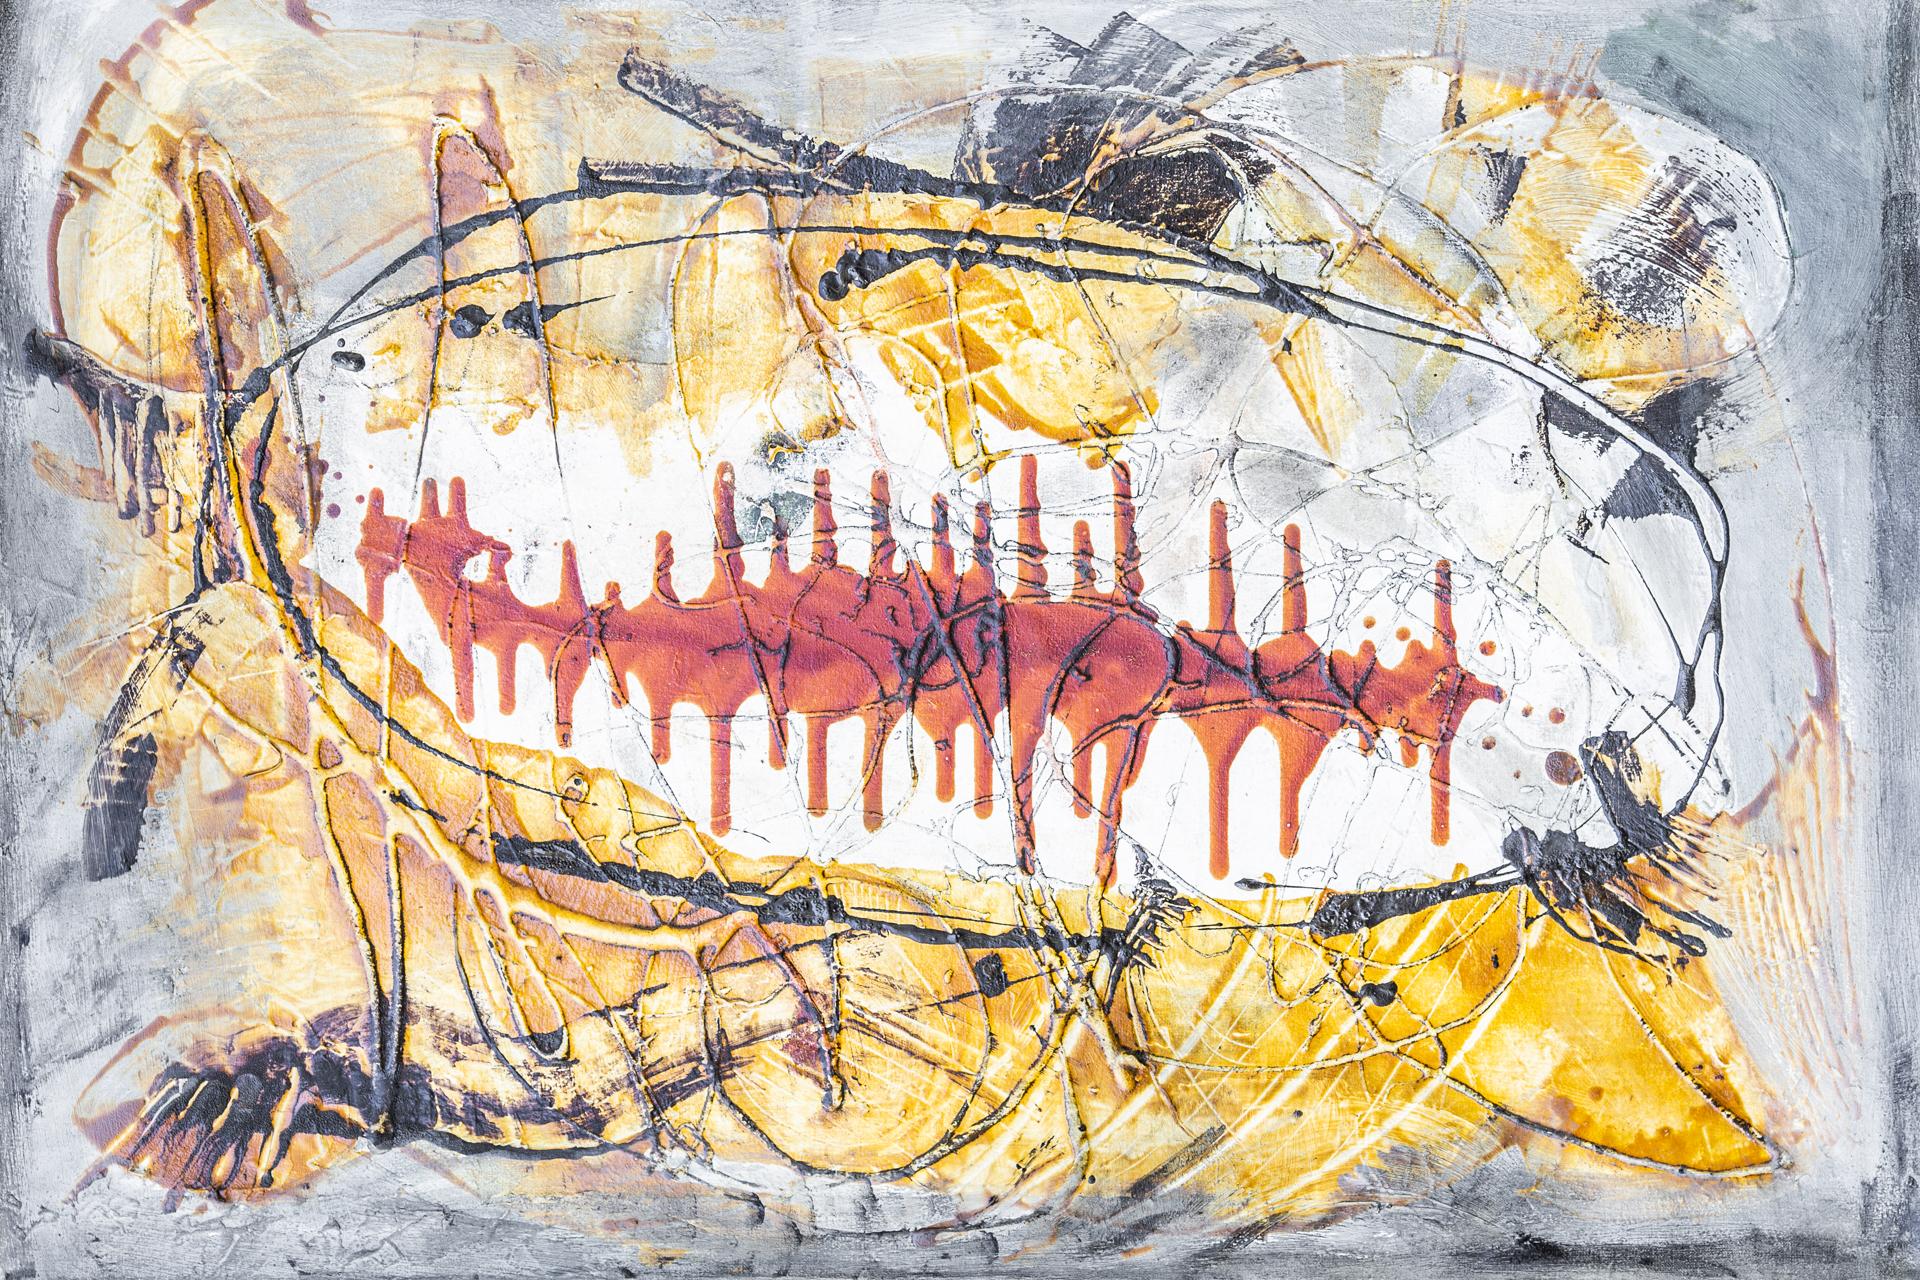 artista-plastico-argentino-maximiliano-borgia-011